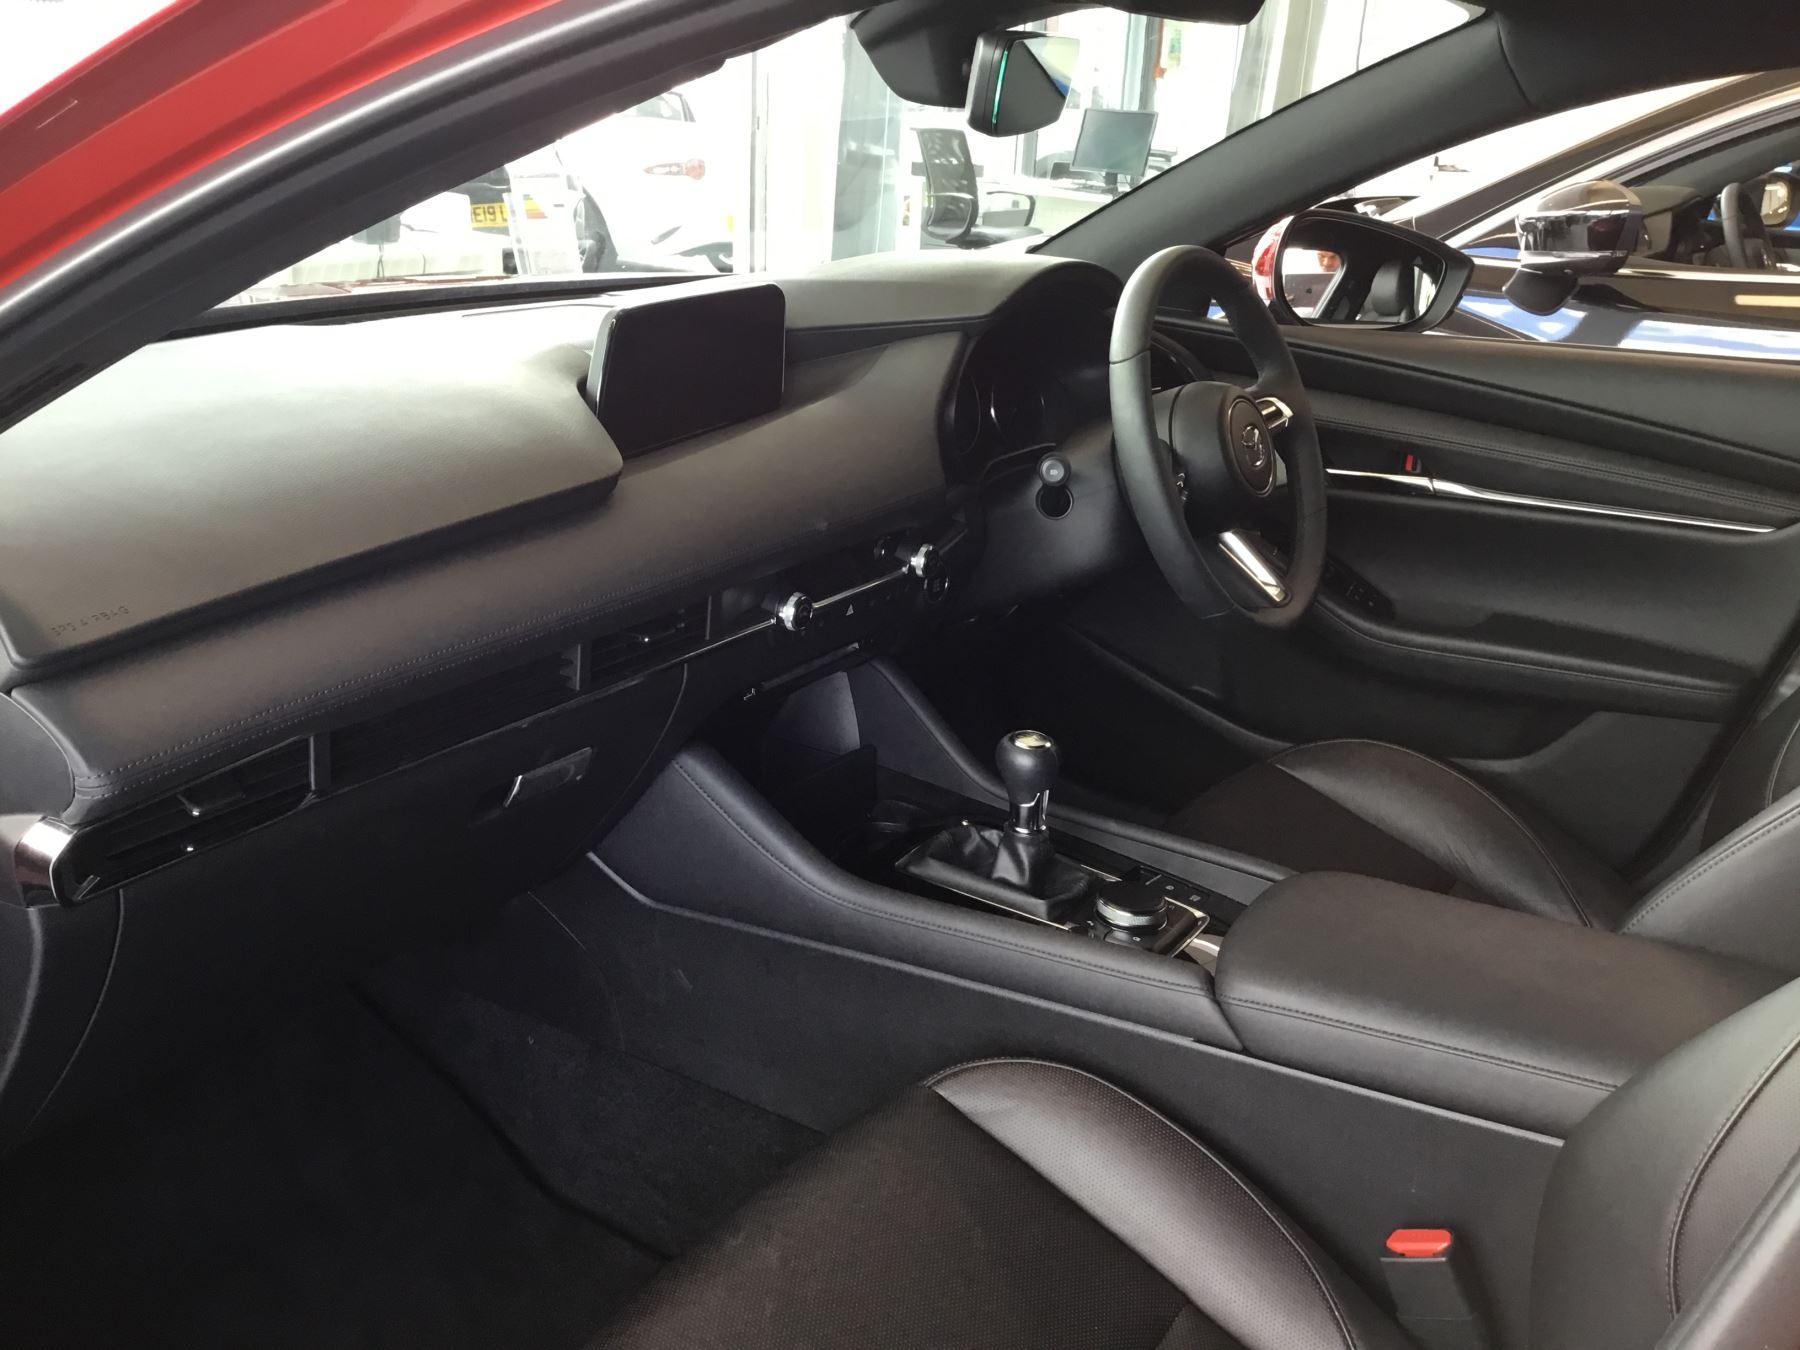 Mazda 3 2.0 GT Sport 5dr image 6